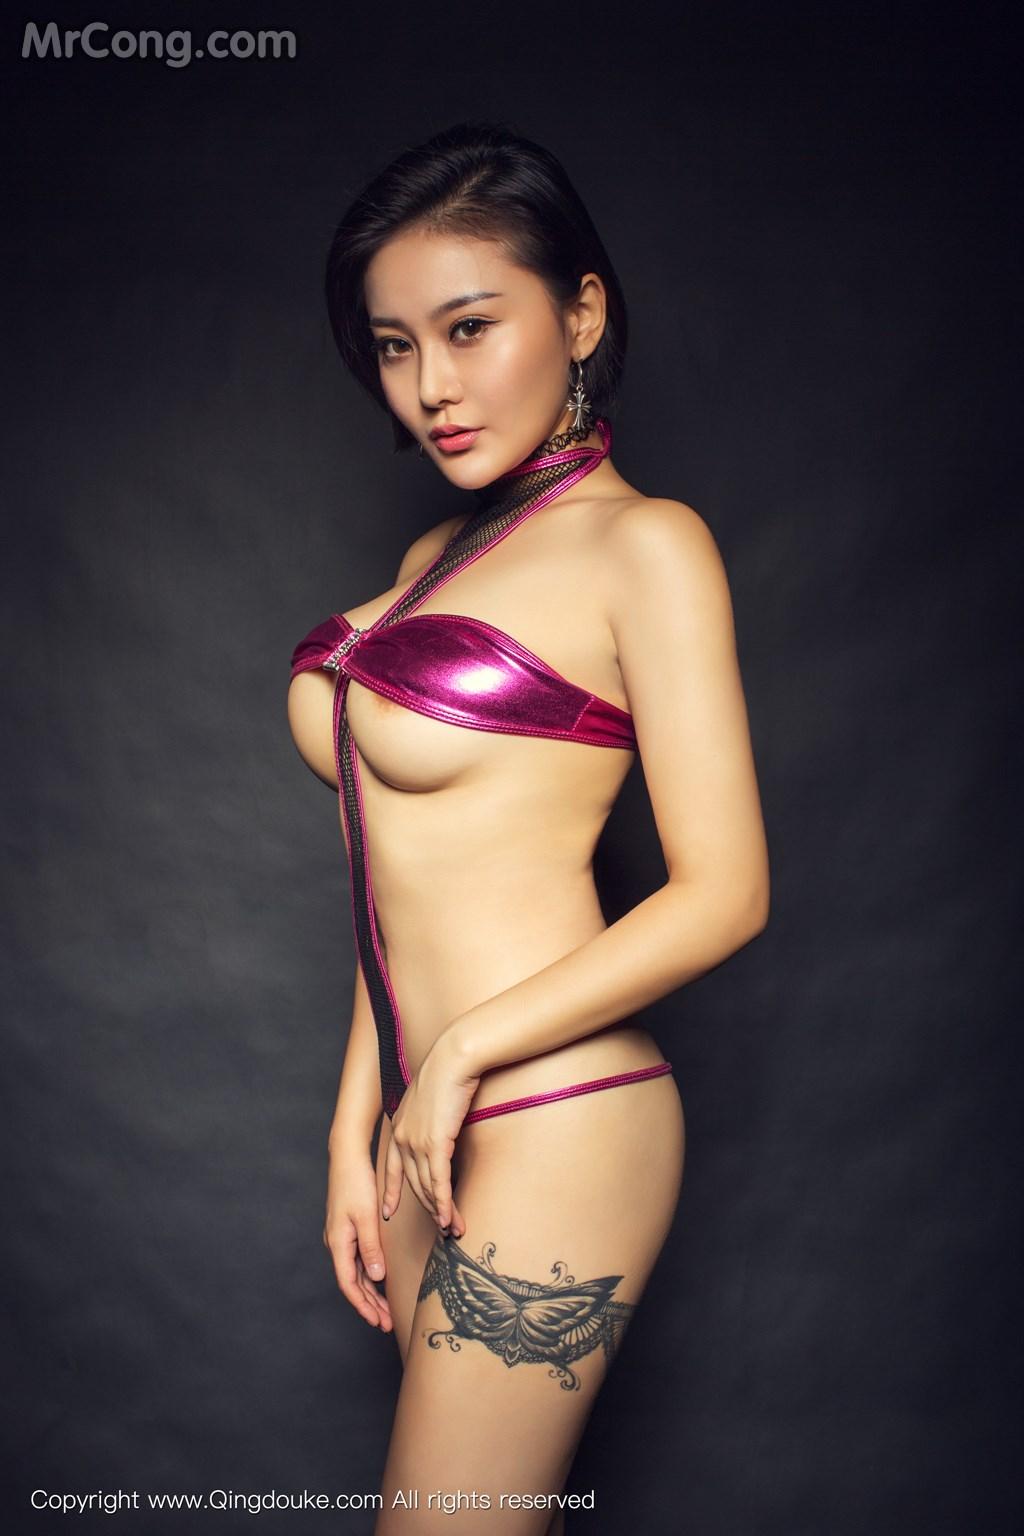 Image MrCong.com-QingDouKe-2016-11-17-Chan-009 in post QingDouKe 2016-11-17: Người mẫu Chan (婵) (44 ảnh)